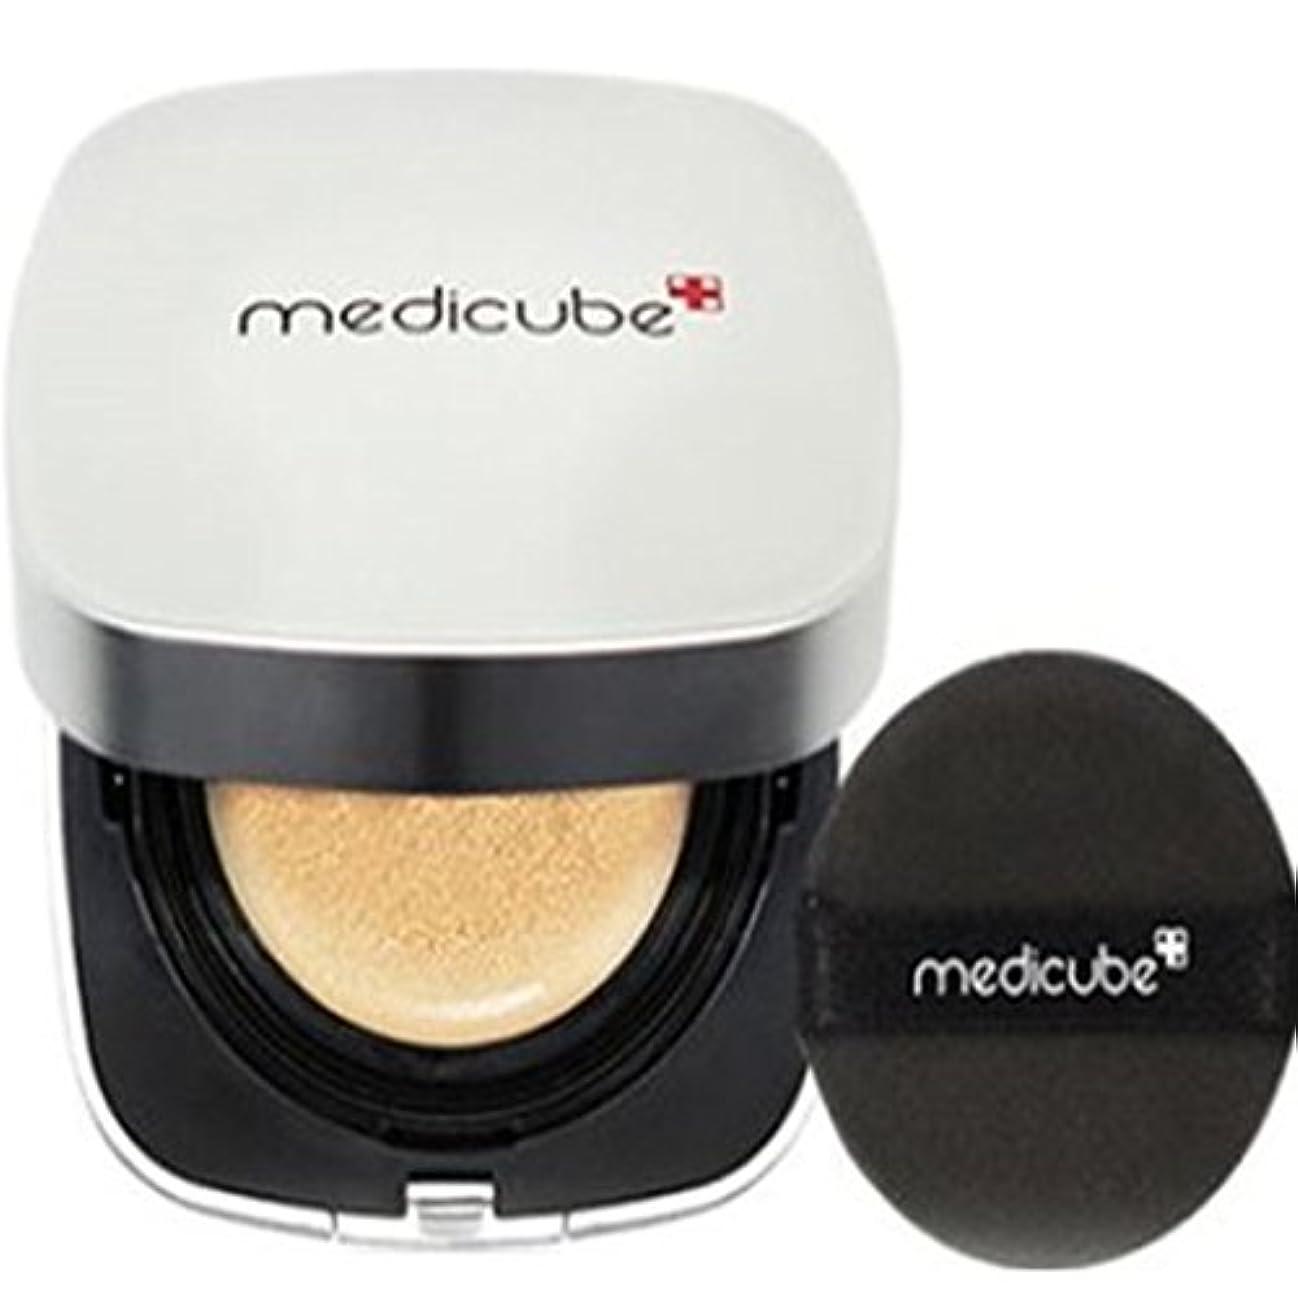 浜辺なにライブ[Medicube メディキューブ] レッドクッション - シェード23号ナチュラルベージュ / Red Cushion - Shade 23 Natural Beige [並行輸入品]